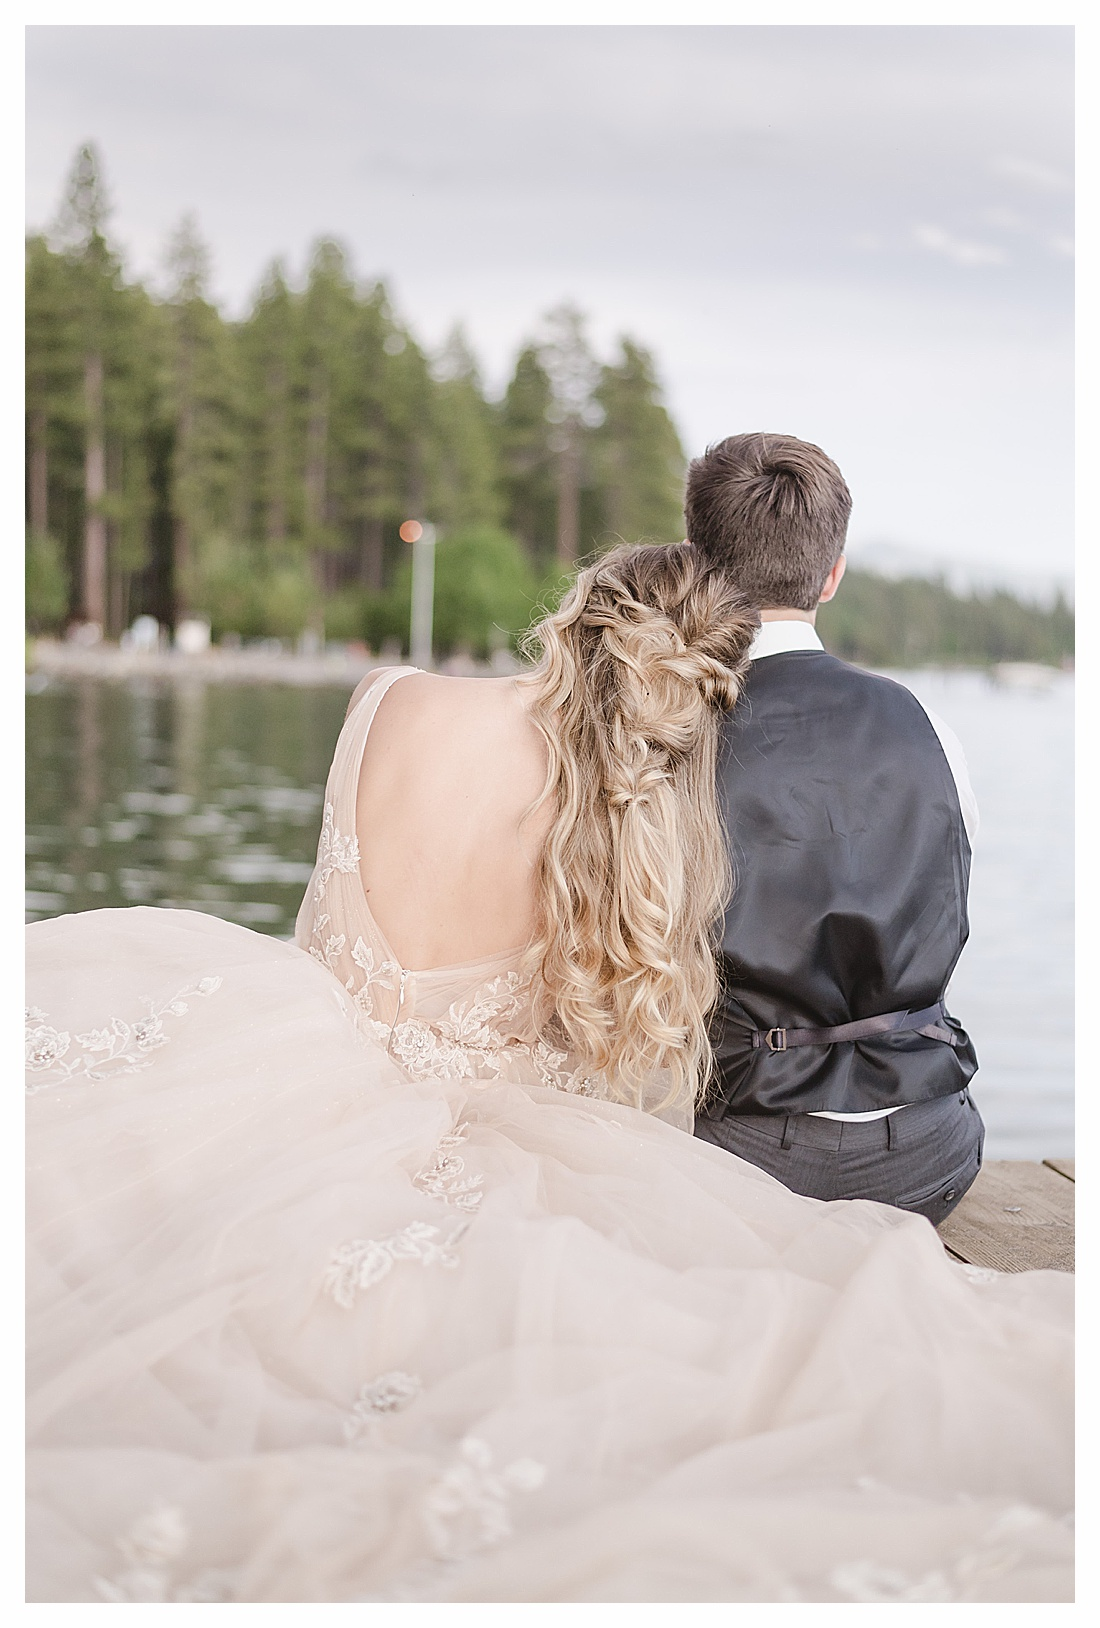 epic north lake tahoe elopement jen vazquez photography_0037